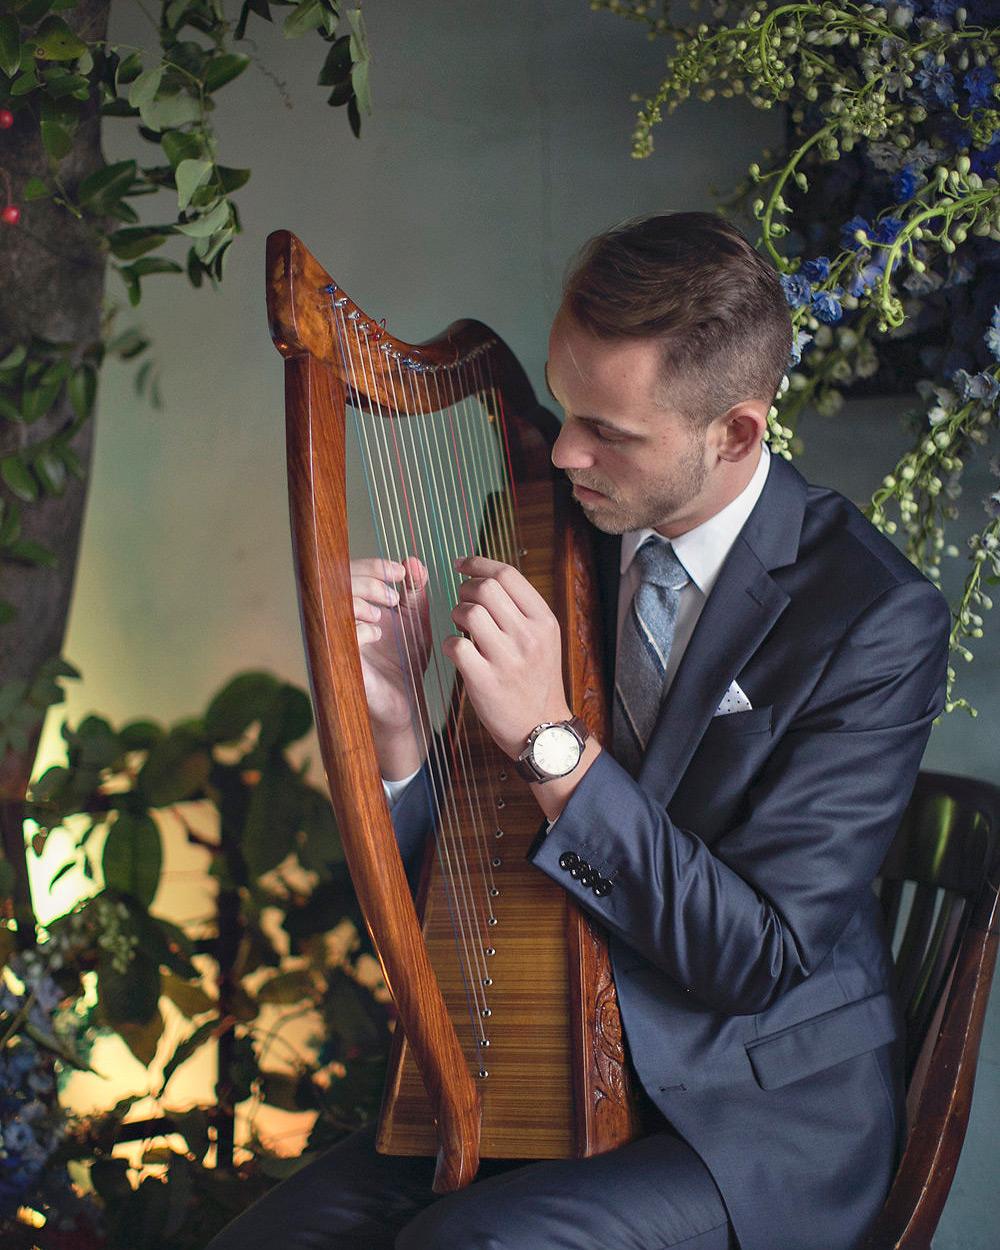 kristen-steve-flowerhouse-wedding-harp-883-s113059-0616.jpg